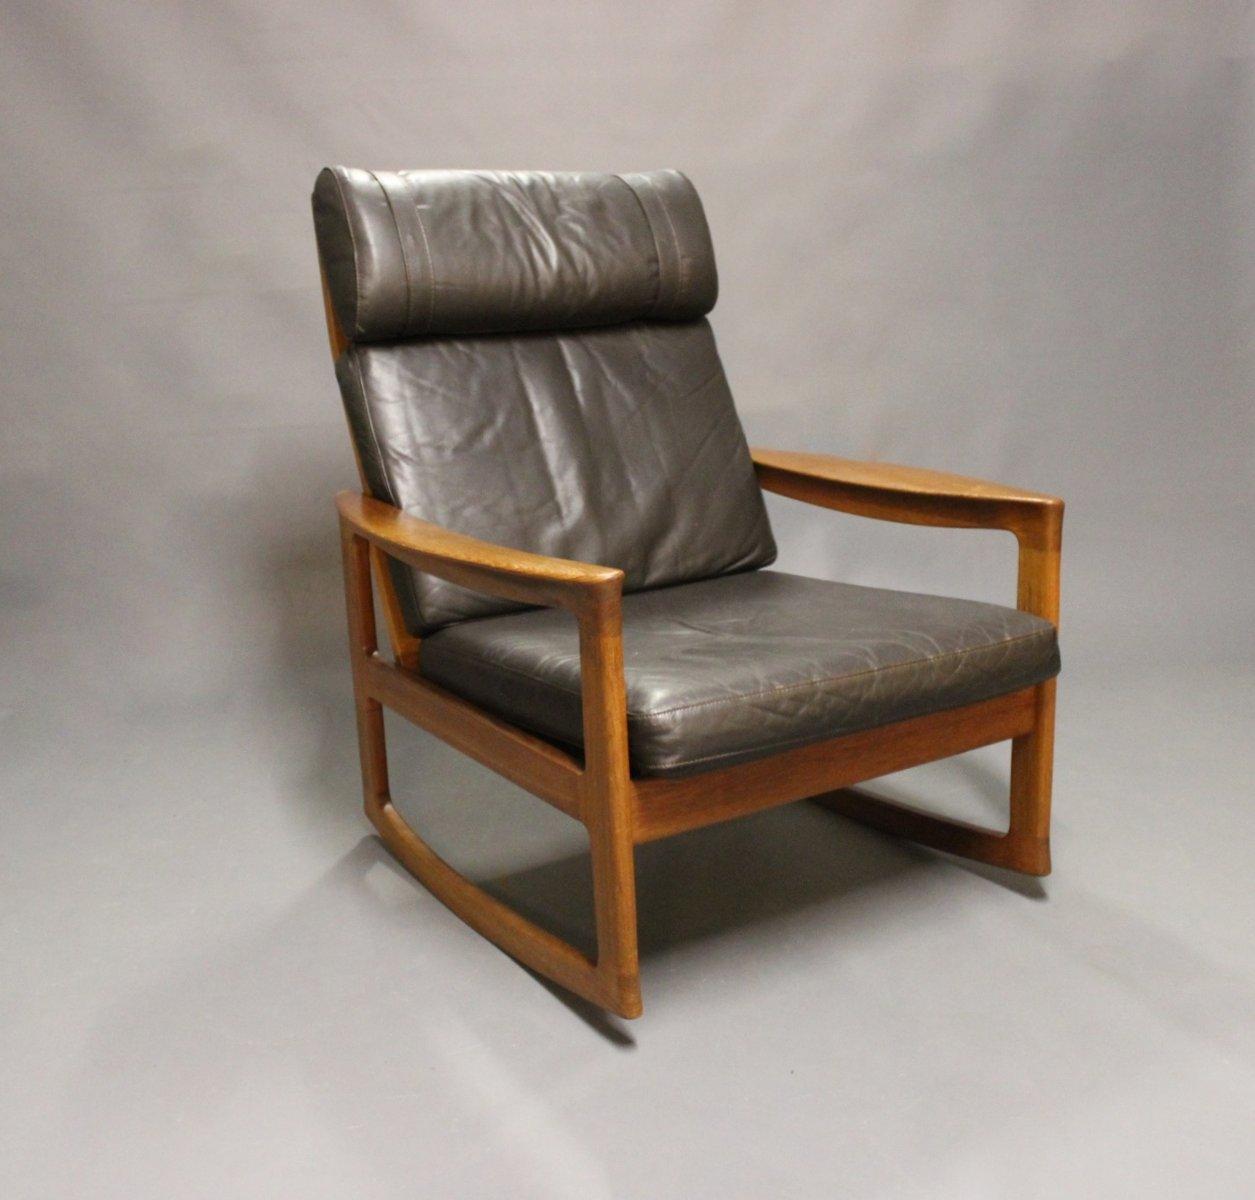 schaukelstuhl aus teak schwarzem leder von ole wanscher f r komfort 1960er bei pamono kaufen. Black Bedroom Furniture Sets. Home Design Ideas